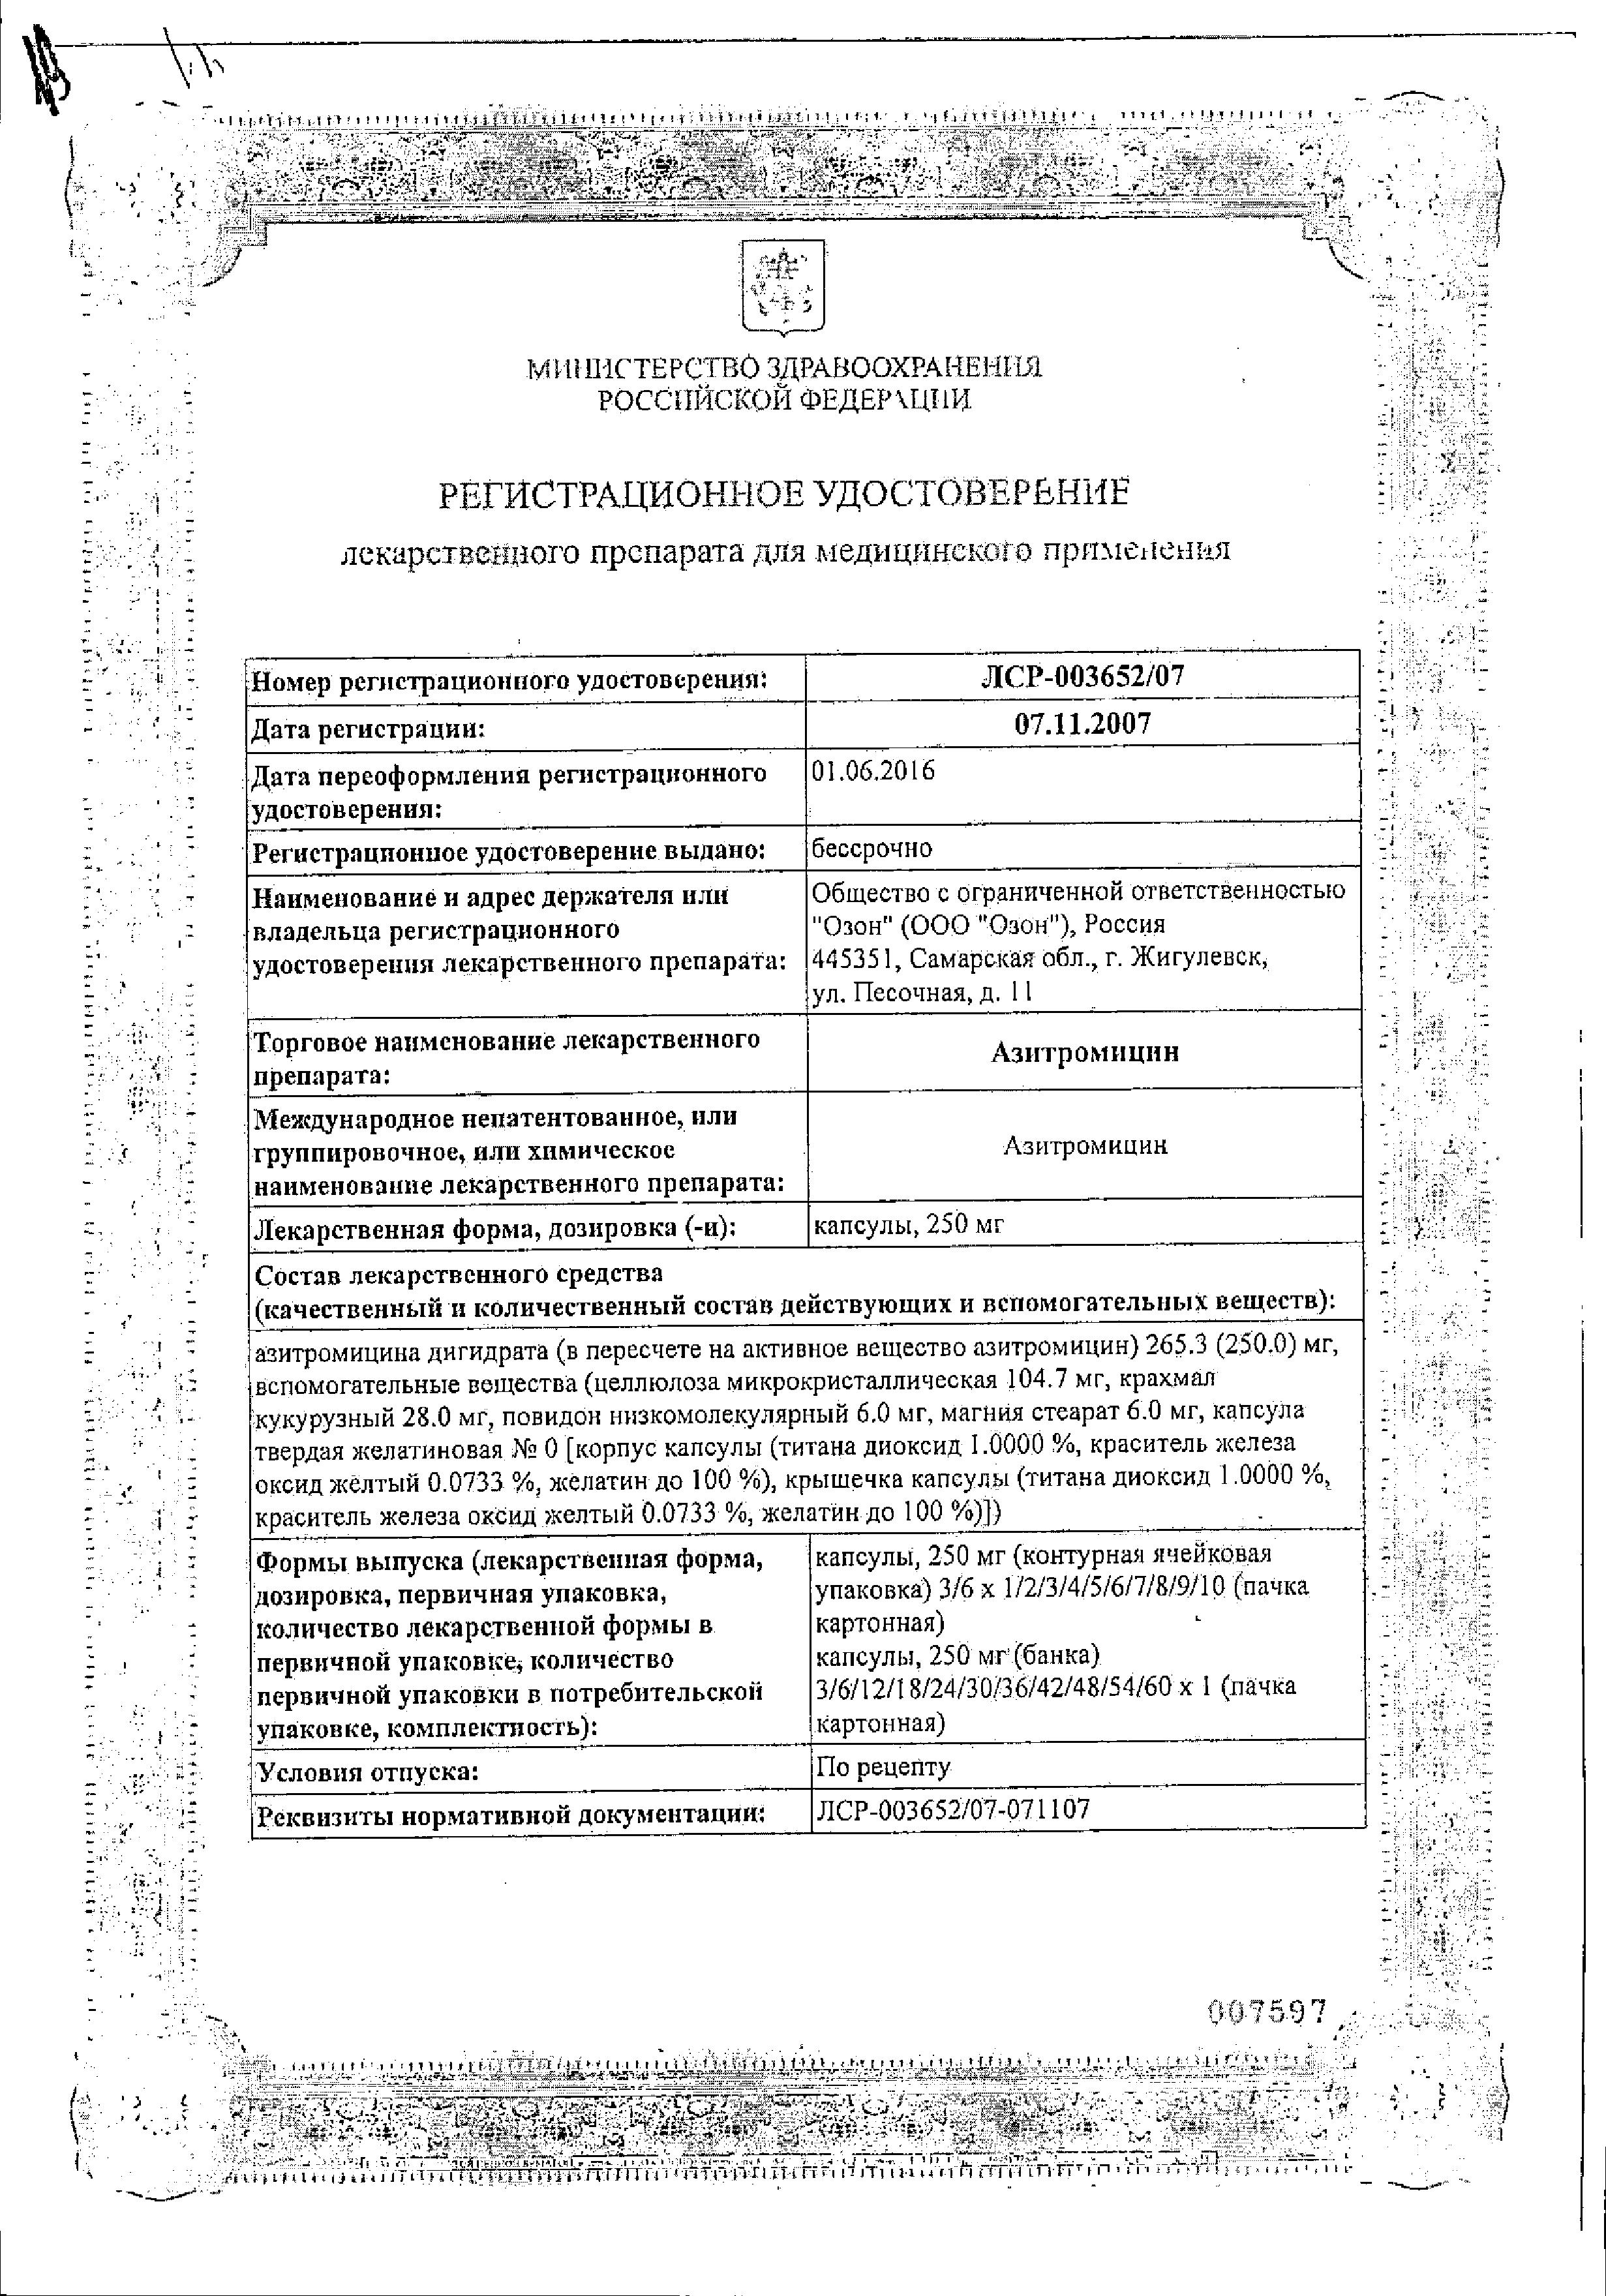 Азитромицин сертификат